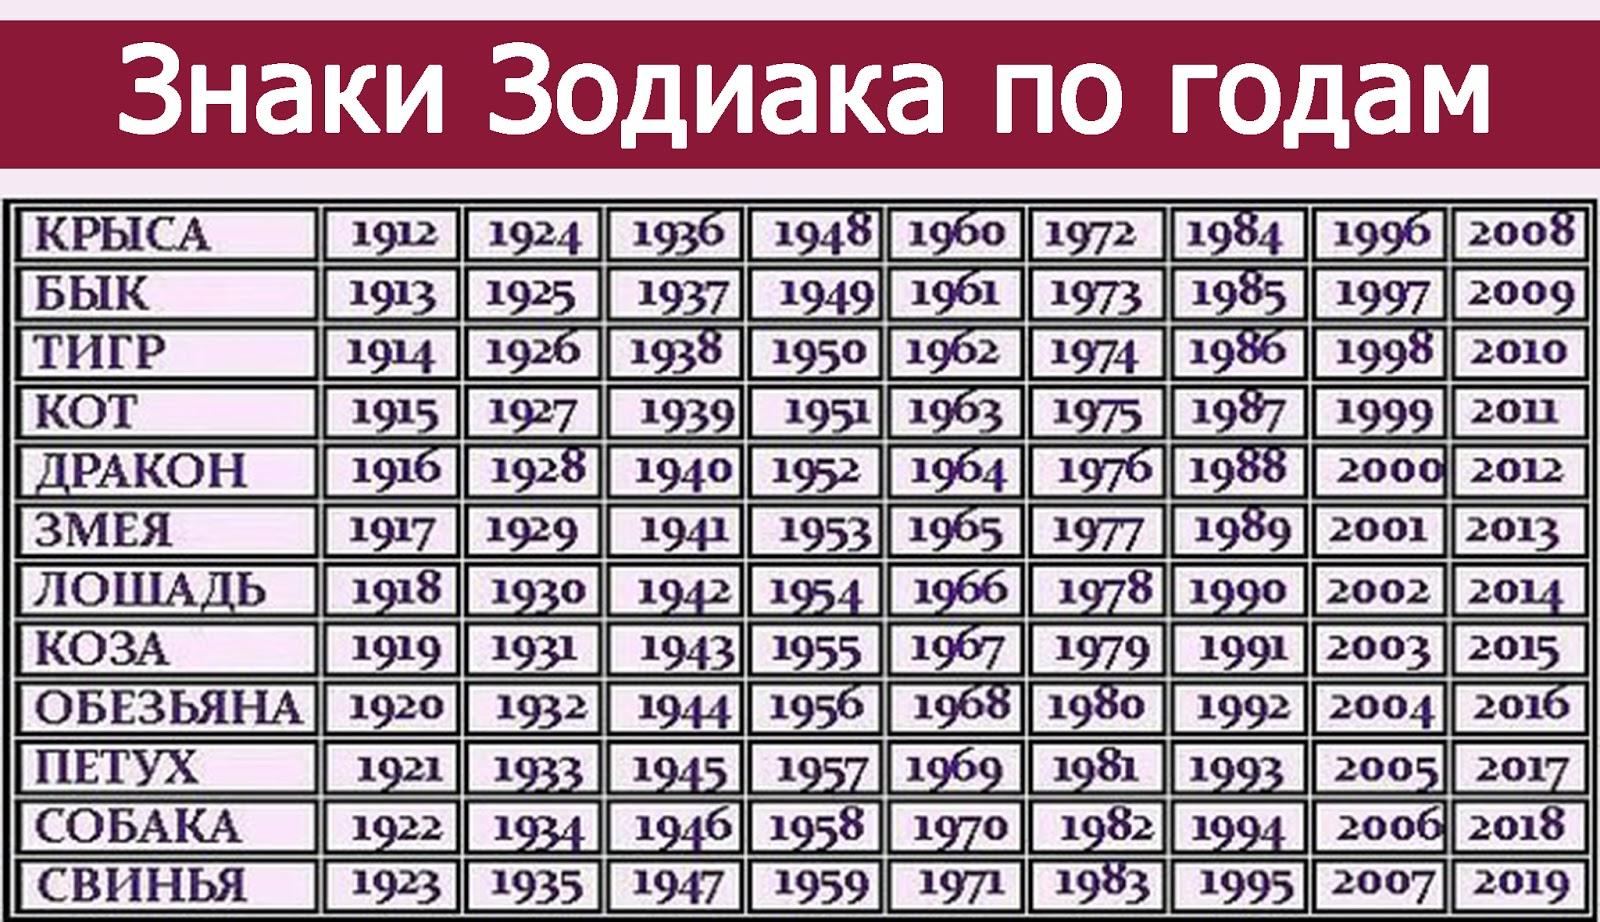 Сегодня 28 апреля — й день года в григорианском календаре.